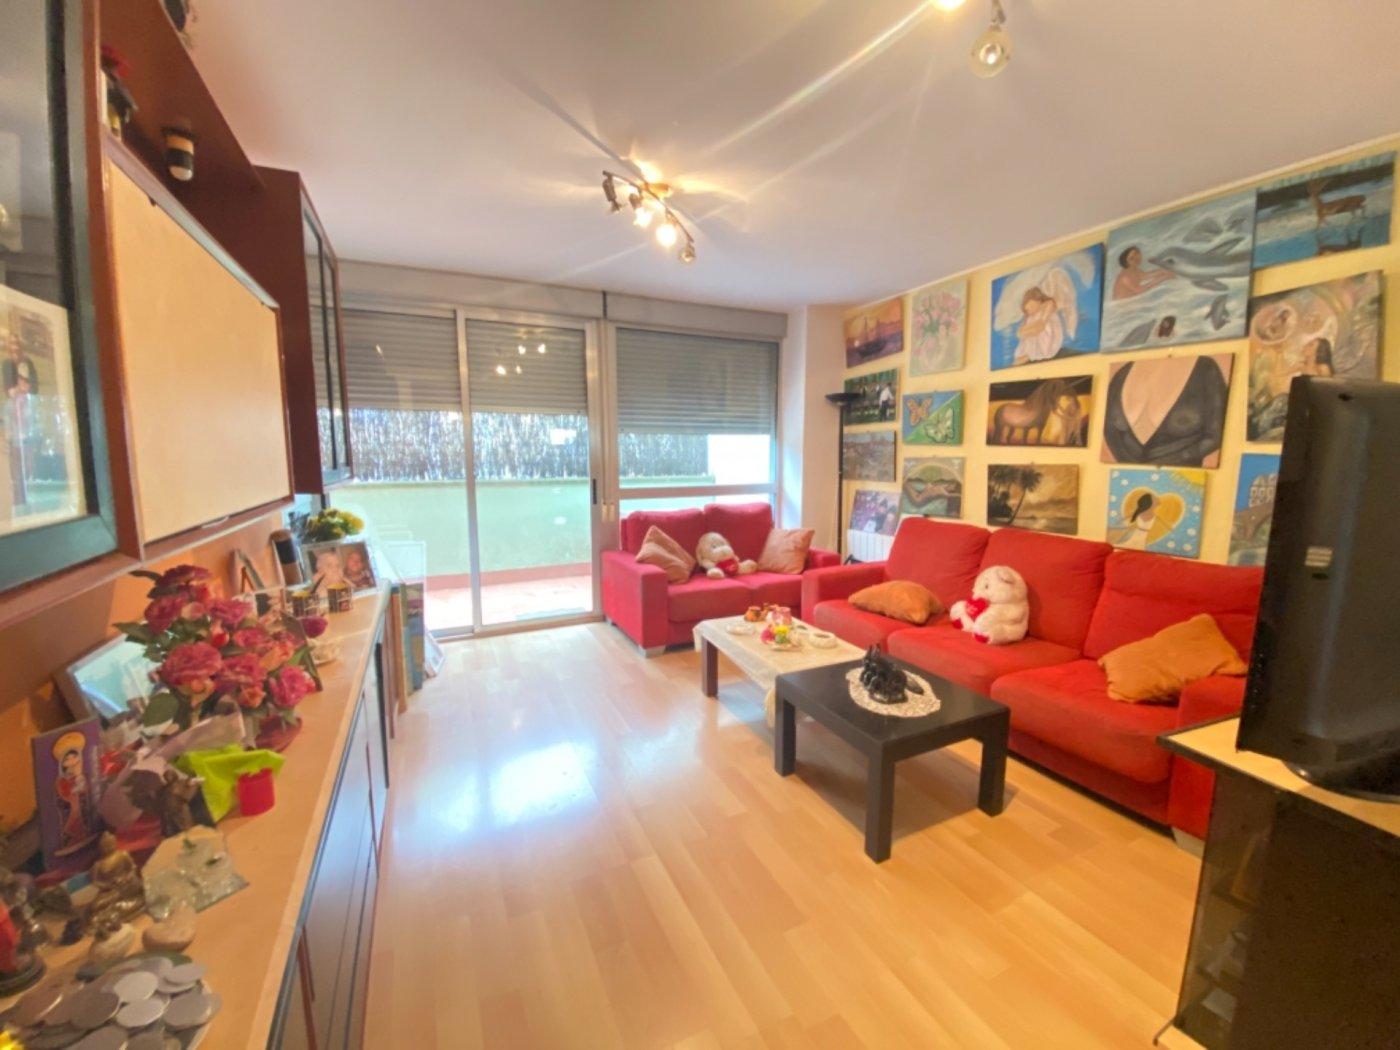 Fantástico piso en Sant Fruitós de Bages 3 habitaciones parking y trastero